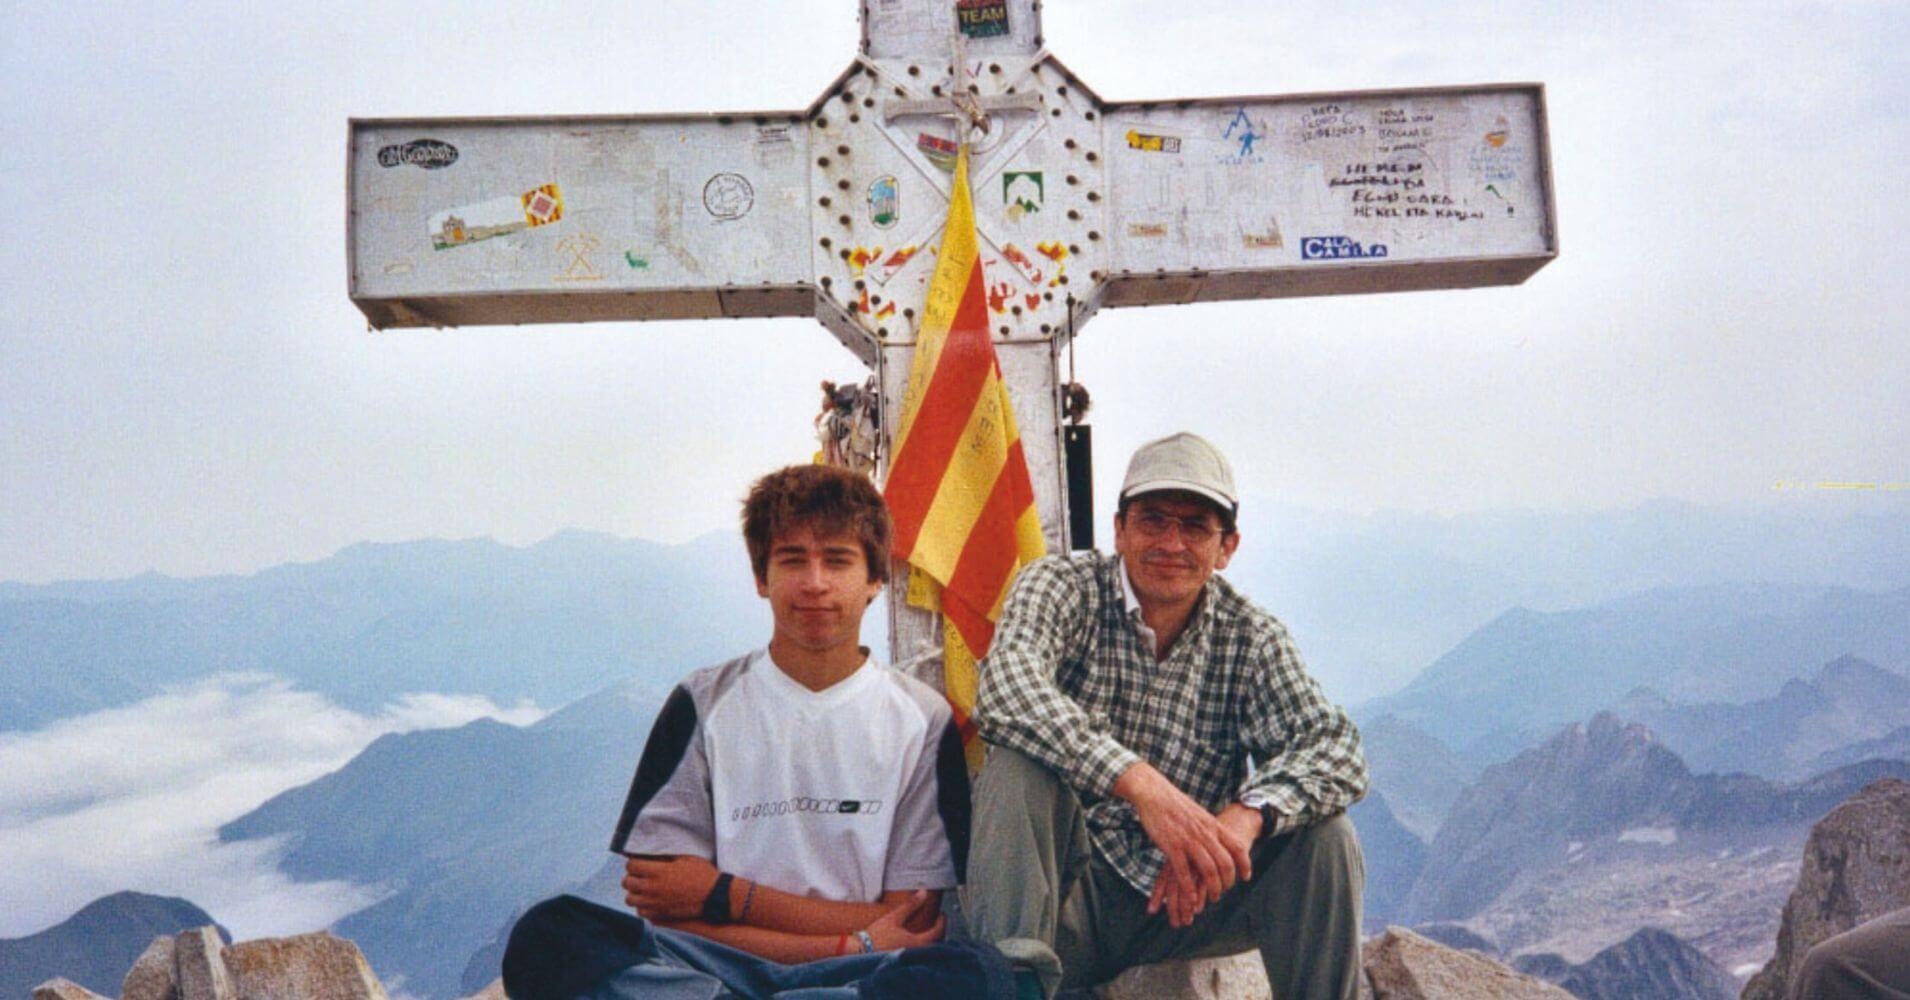 Cruz de la Cumbre del Pico Aneto con los dos montañeros del grupo que hicieron cima. Benasque, Huesca. Aragón.